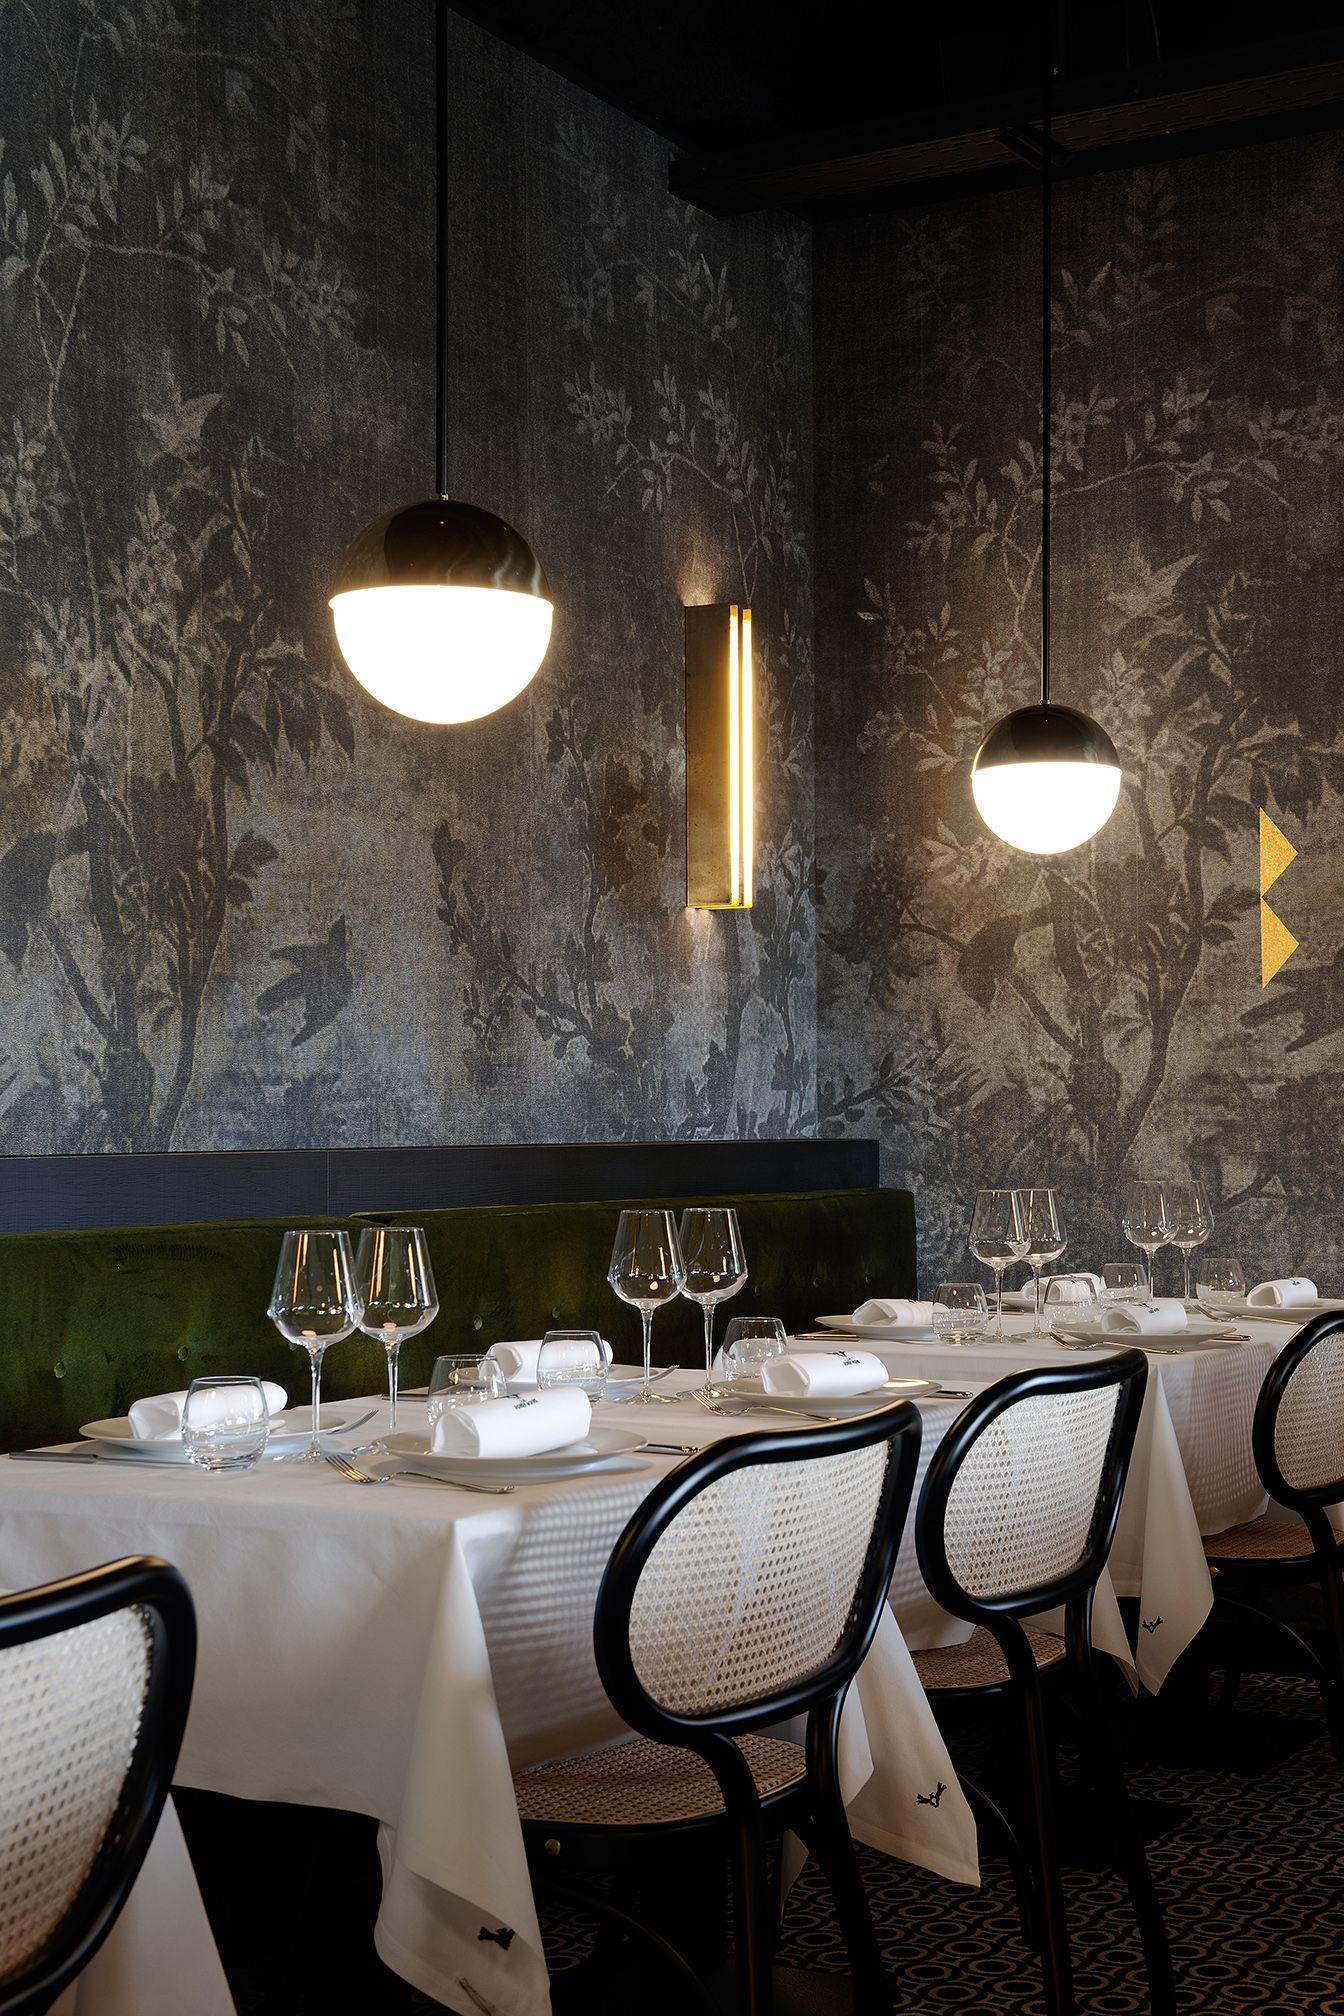 Restaurant La For T Noire Lyon D Coration Claude